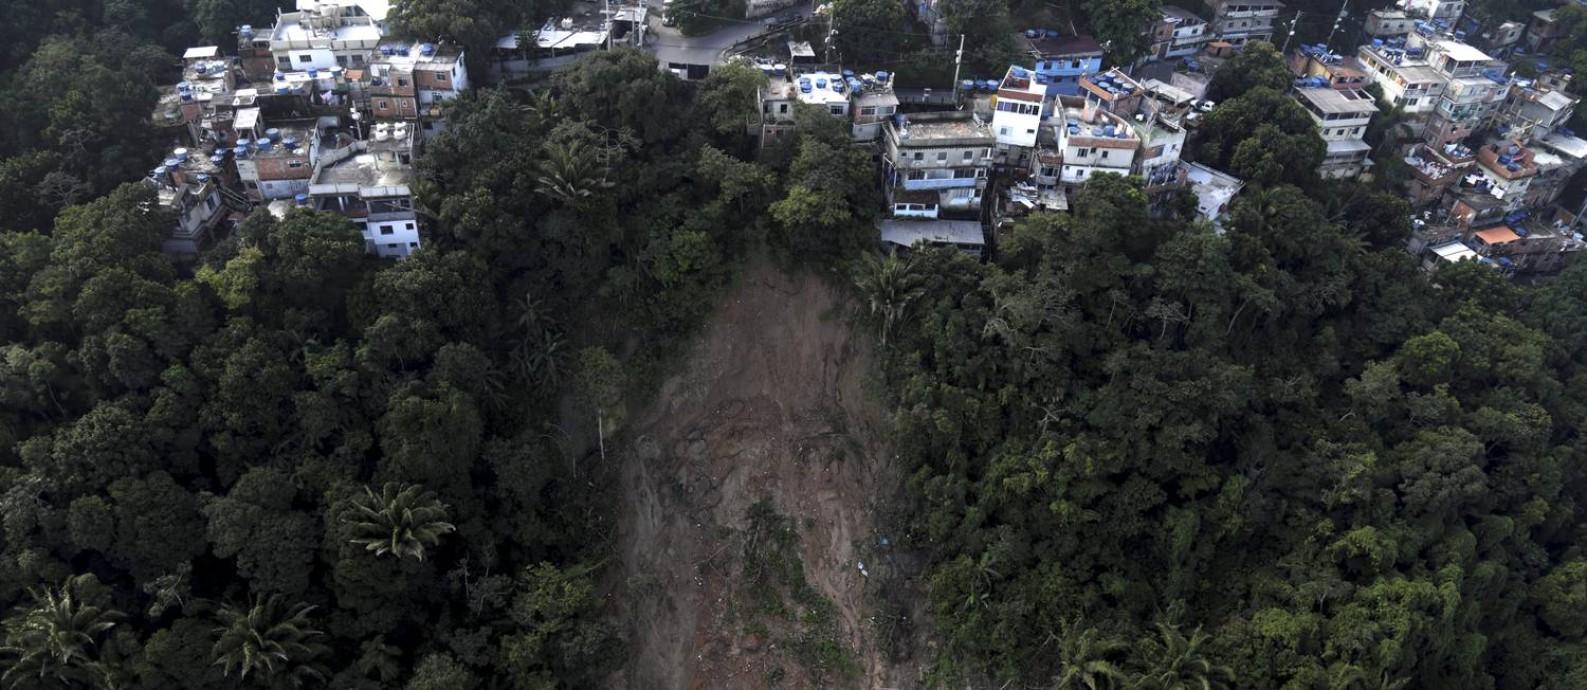 Deslizamentos na encosta do Vidigal ameaçam muitas casas Foto: Custódio Coimbra / Agência O Globo